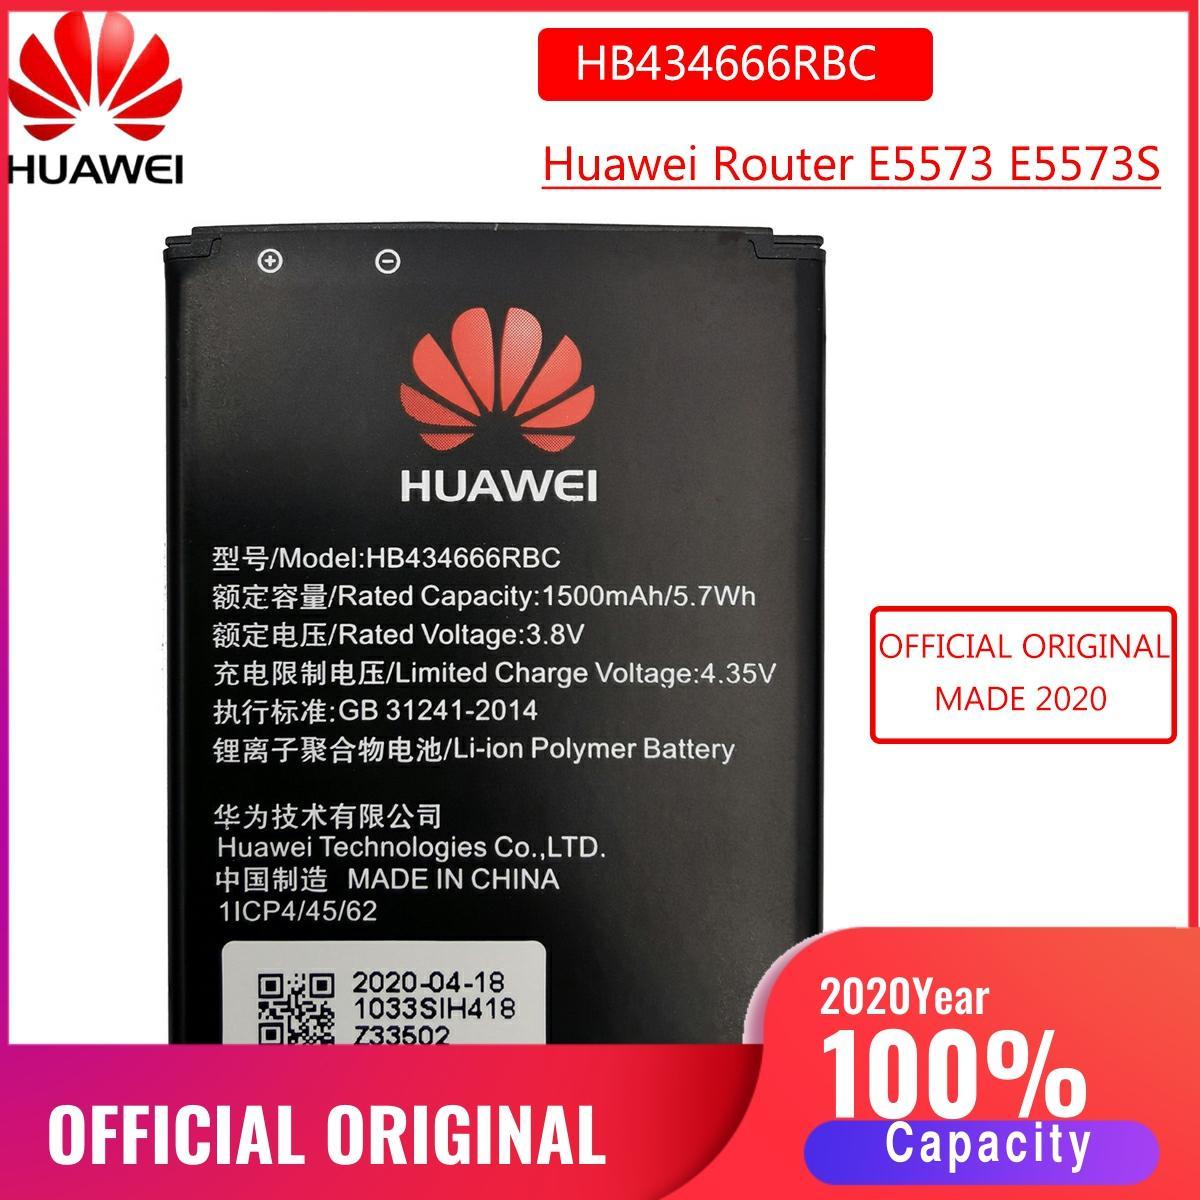 HB434666RBC batería Original para Huawei Router E5573 E5573S E5573s-32 E5573s-320 E5573s-606 -806 baterías de repuesto Bateria